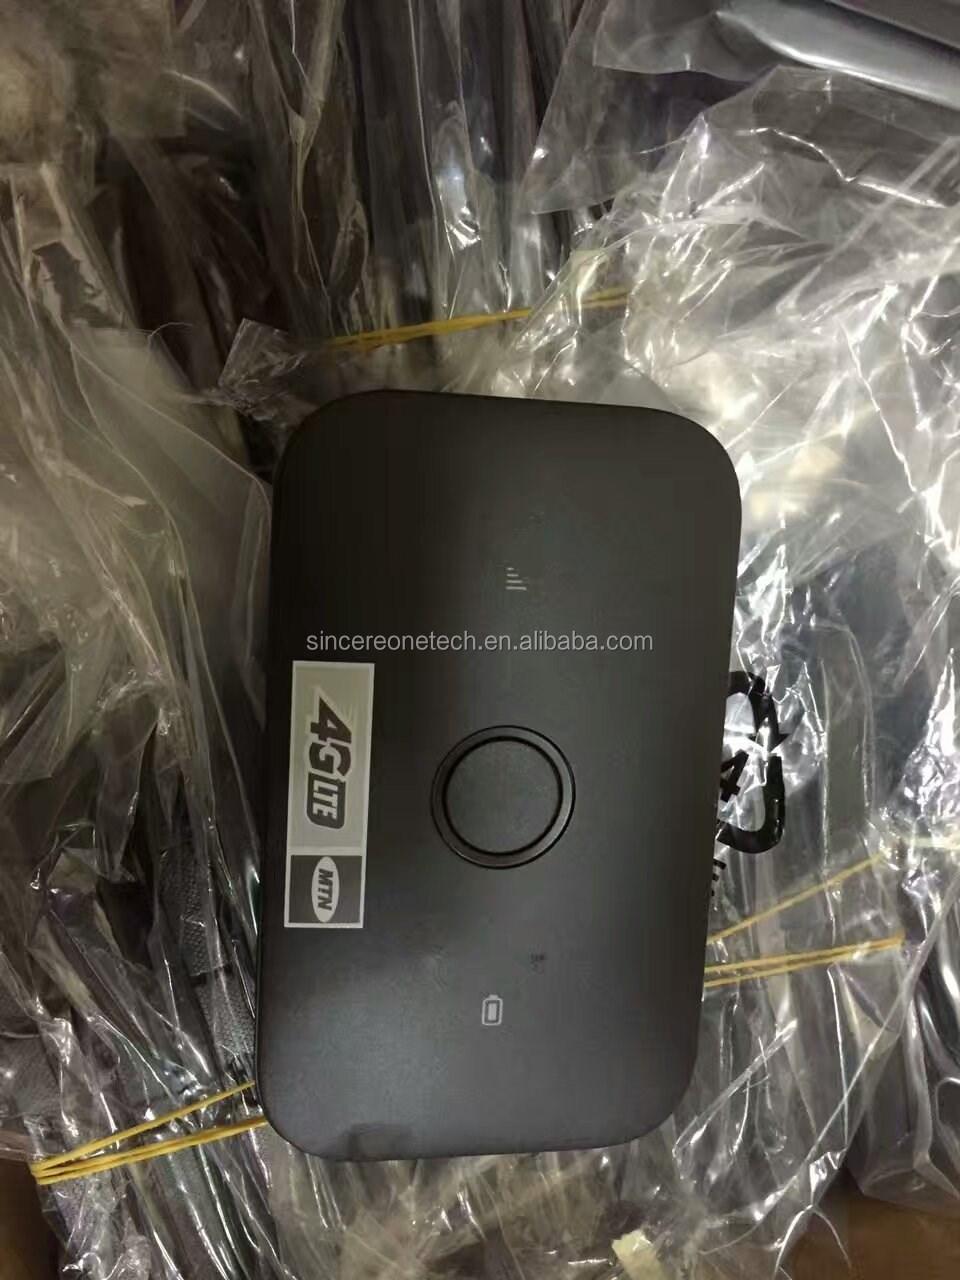 Huawei E5573cs-322 Lte Fdd 800/850/900/1800/2100/2600 Mobile Wifi Hotspot -  Buy E5573cs-322,Huawei E5573,Huawei 4g Router Product on Alibaba com